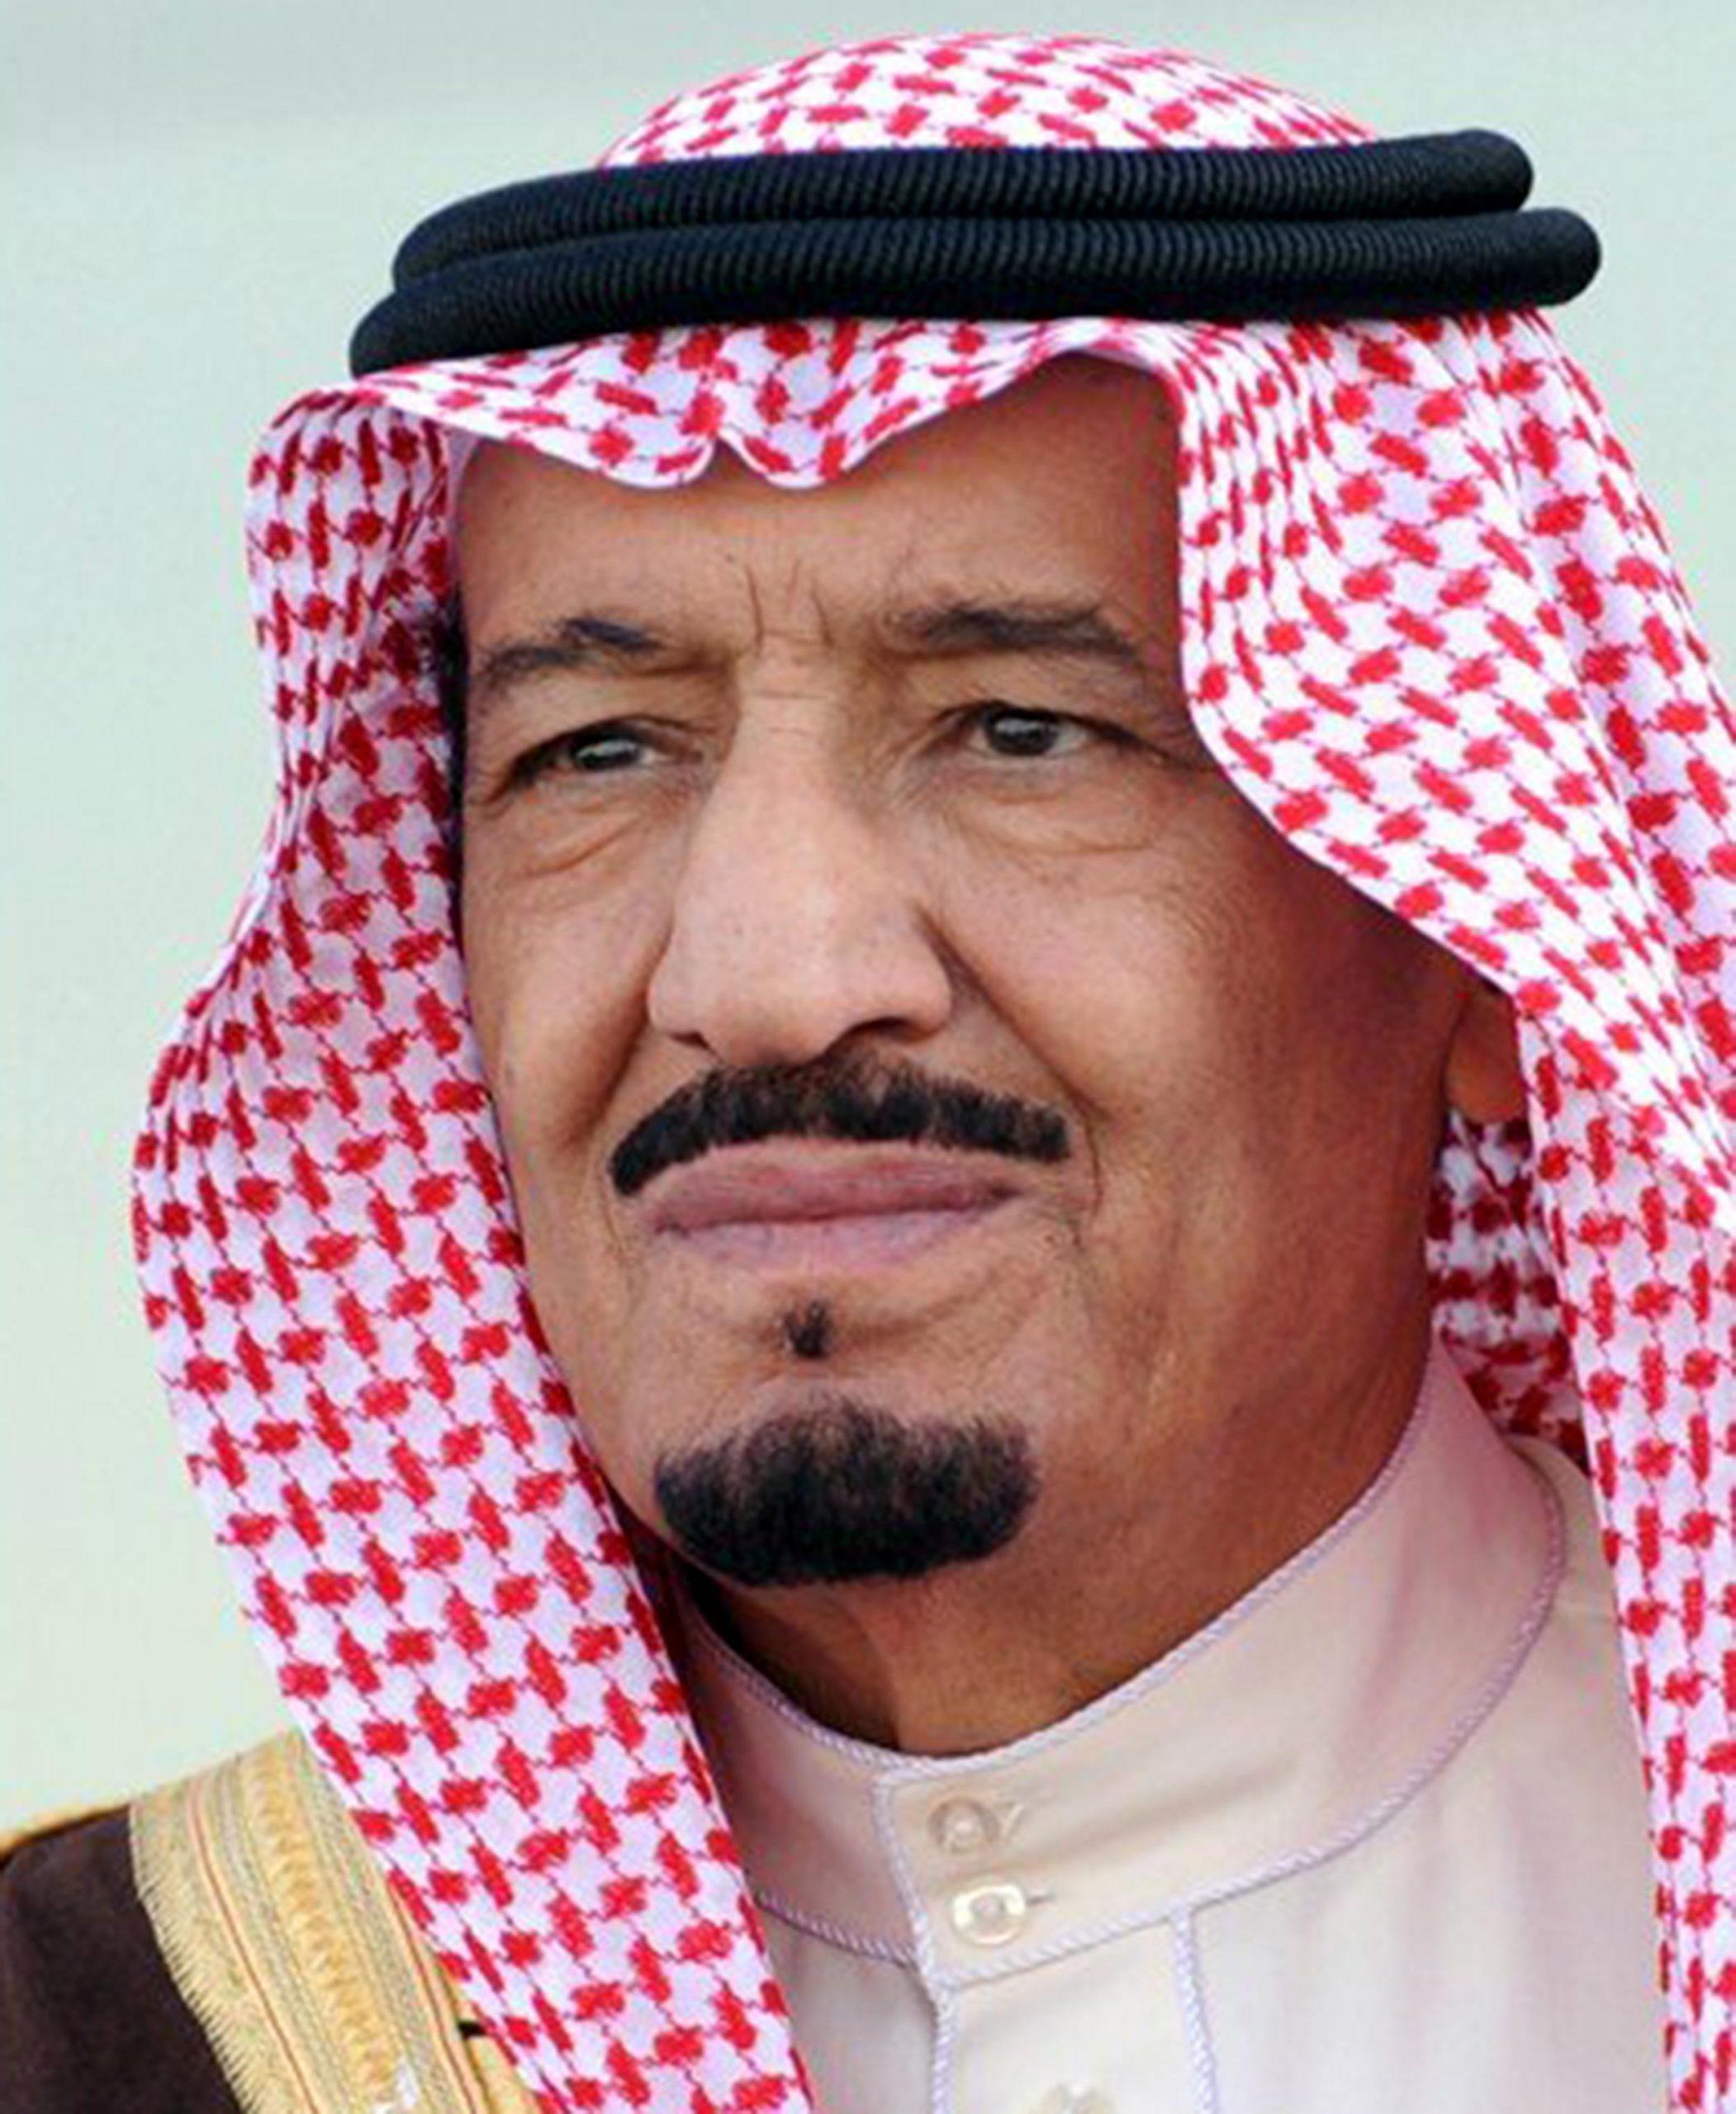 الملك سلمان يقيل وزيري الإعلام والخدمة المدنية